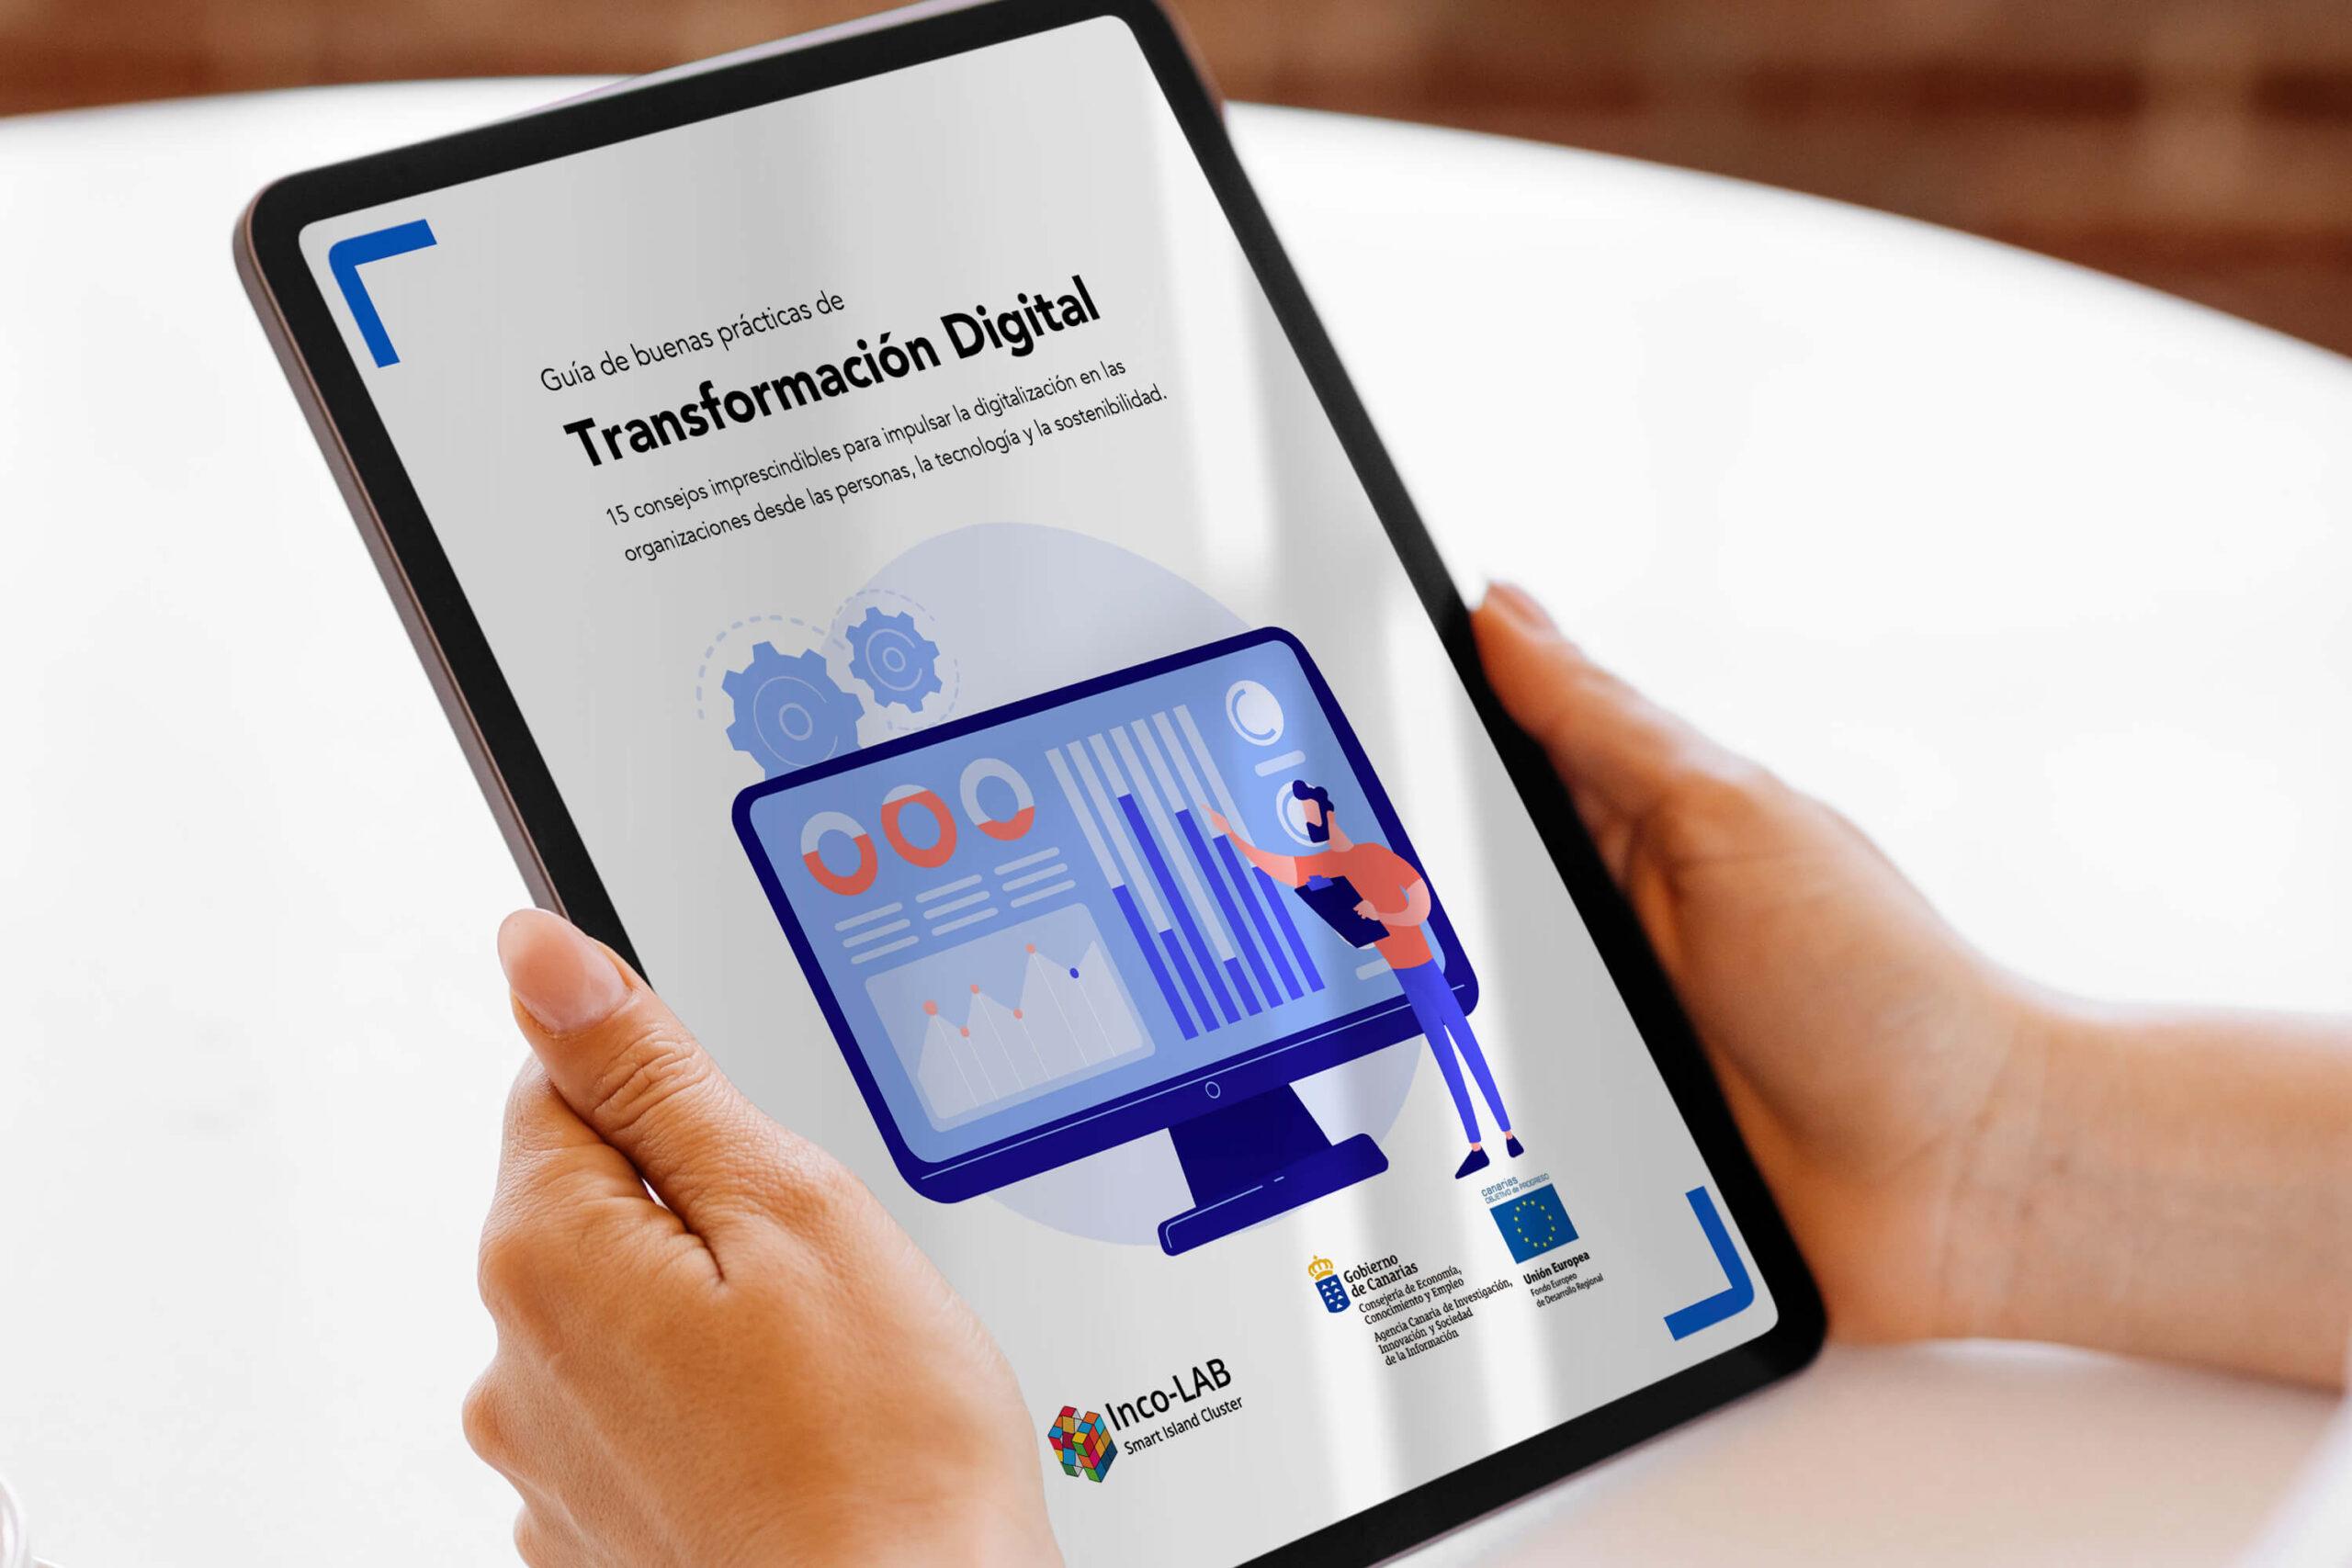 Guía de buenas prácticas de Transformación Digital